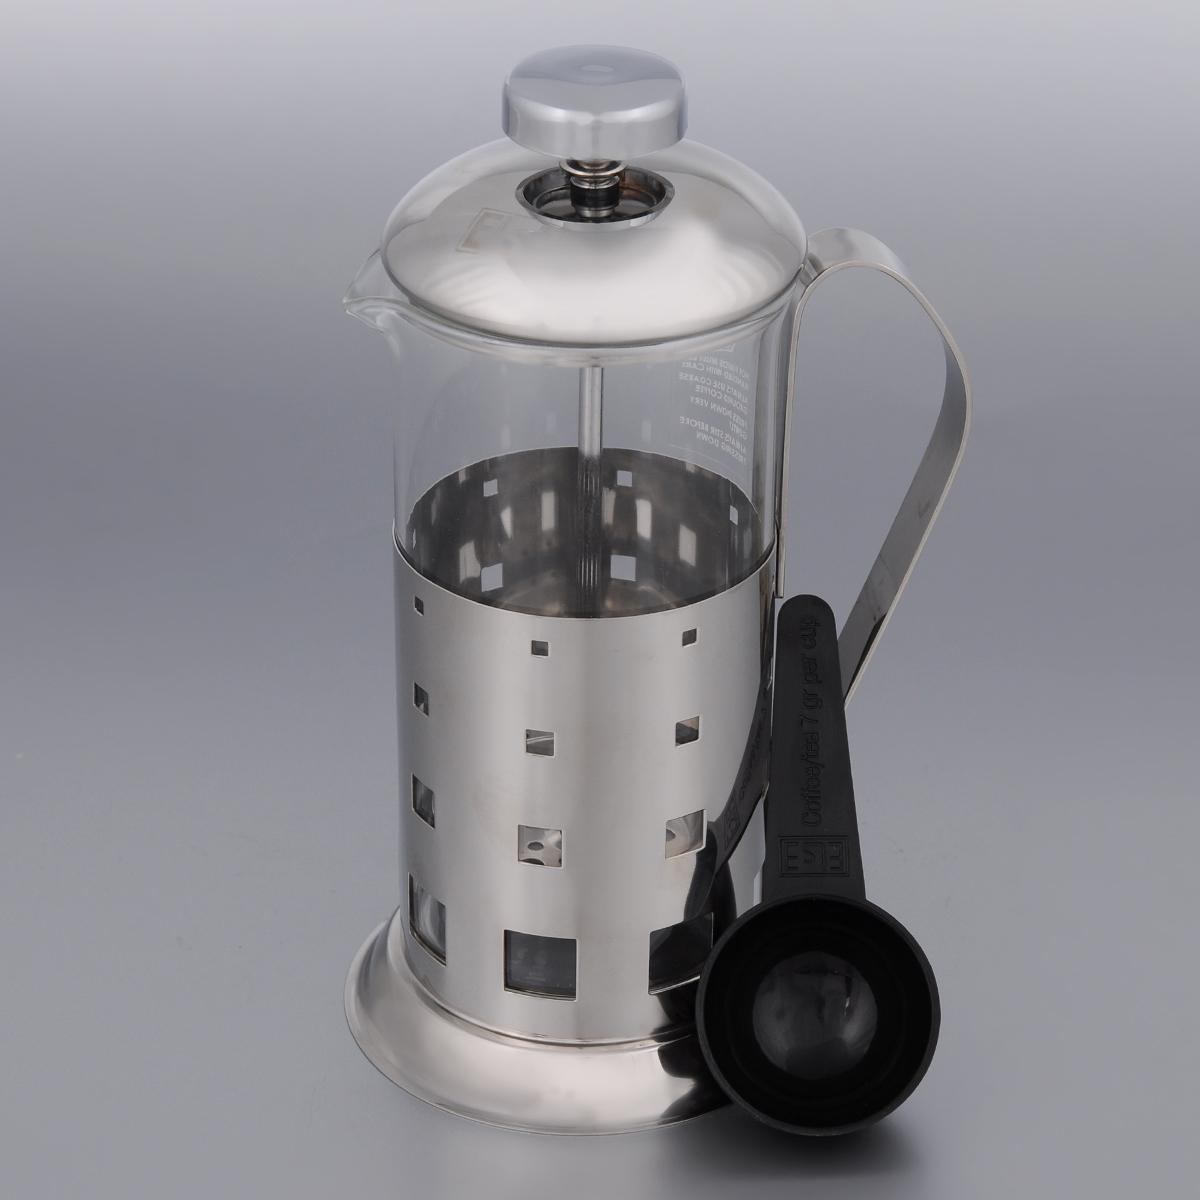 Френч-пресс Else Columbia, с ложкой, 350 млB515(350)Френч-пресс Else Columbia поможет приготовить вкусный ароматный чай или кофе. Им очень легко пользоваться: засыпьте внутрь заварку, залейте водой, накройте крышкой с поднятым поршнем, дайте настояться и затем медленно опустите поршень. Таким образом напиток заваривается без чаинок. Колба изготовлена из жаропрочного стекла, устойчивого к царапинам и термошоку. Корпус выполнен из нержавеющей стали с хромированным покрытием и оформлен перфорацией. Точечная спайка металлических частей производится по технологии invisible, которая делает места соединения деталей незаметными. Полировка с использованием специальных паст на основе натуральных компонентов придает изделию ослепительный блеск. Идеально отшлифованные поверхности и элементы приятны на ощупь, обладают меньшей теплопроводностью и высокими грязеотталкивающими свойствами. Крышка френч-пресса изнутри покрыта пищевым нетоксичным пластиком. Это соответствует гигиеническим требованиям,...